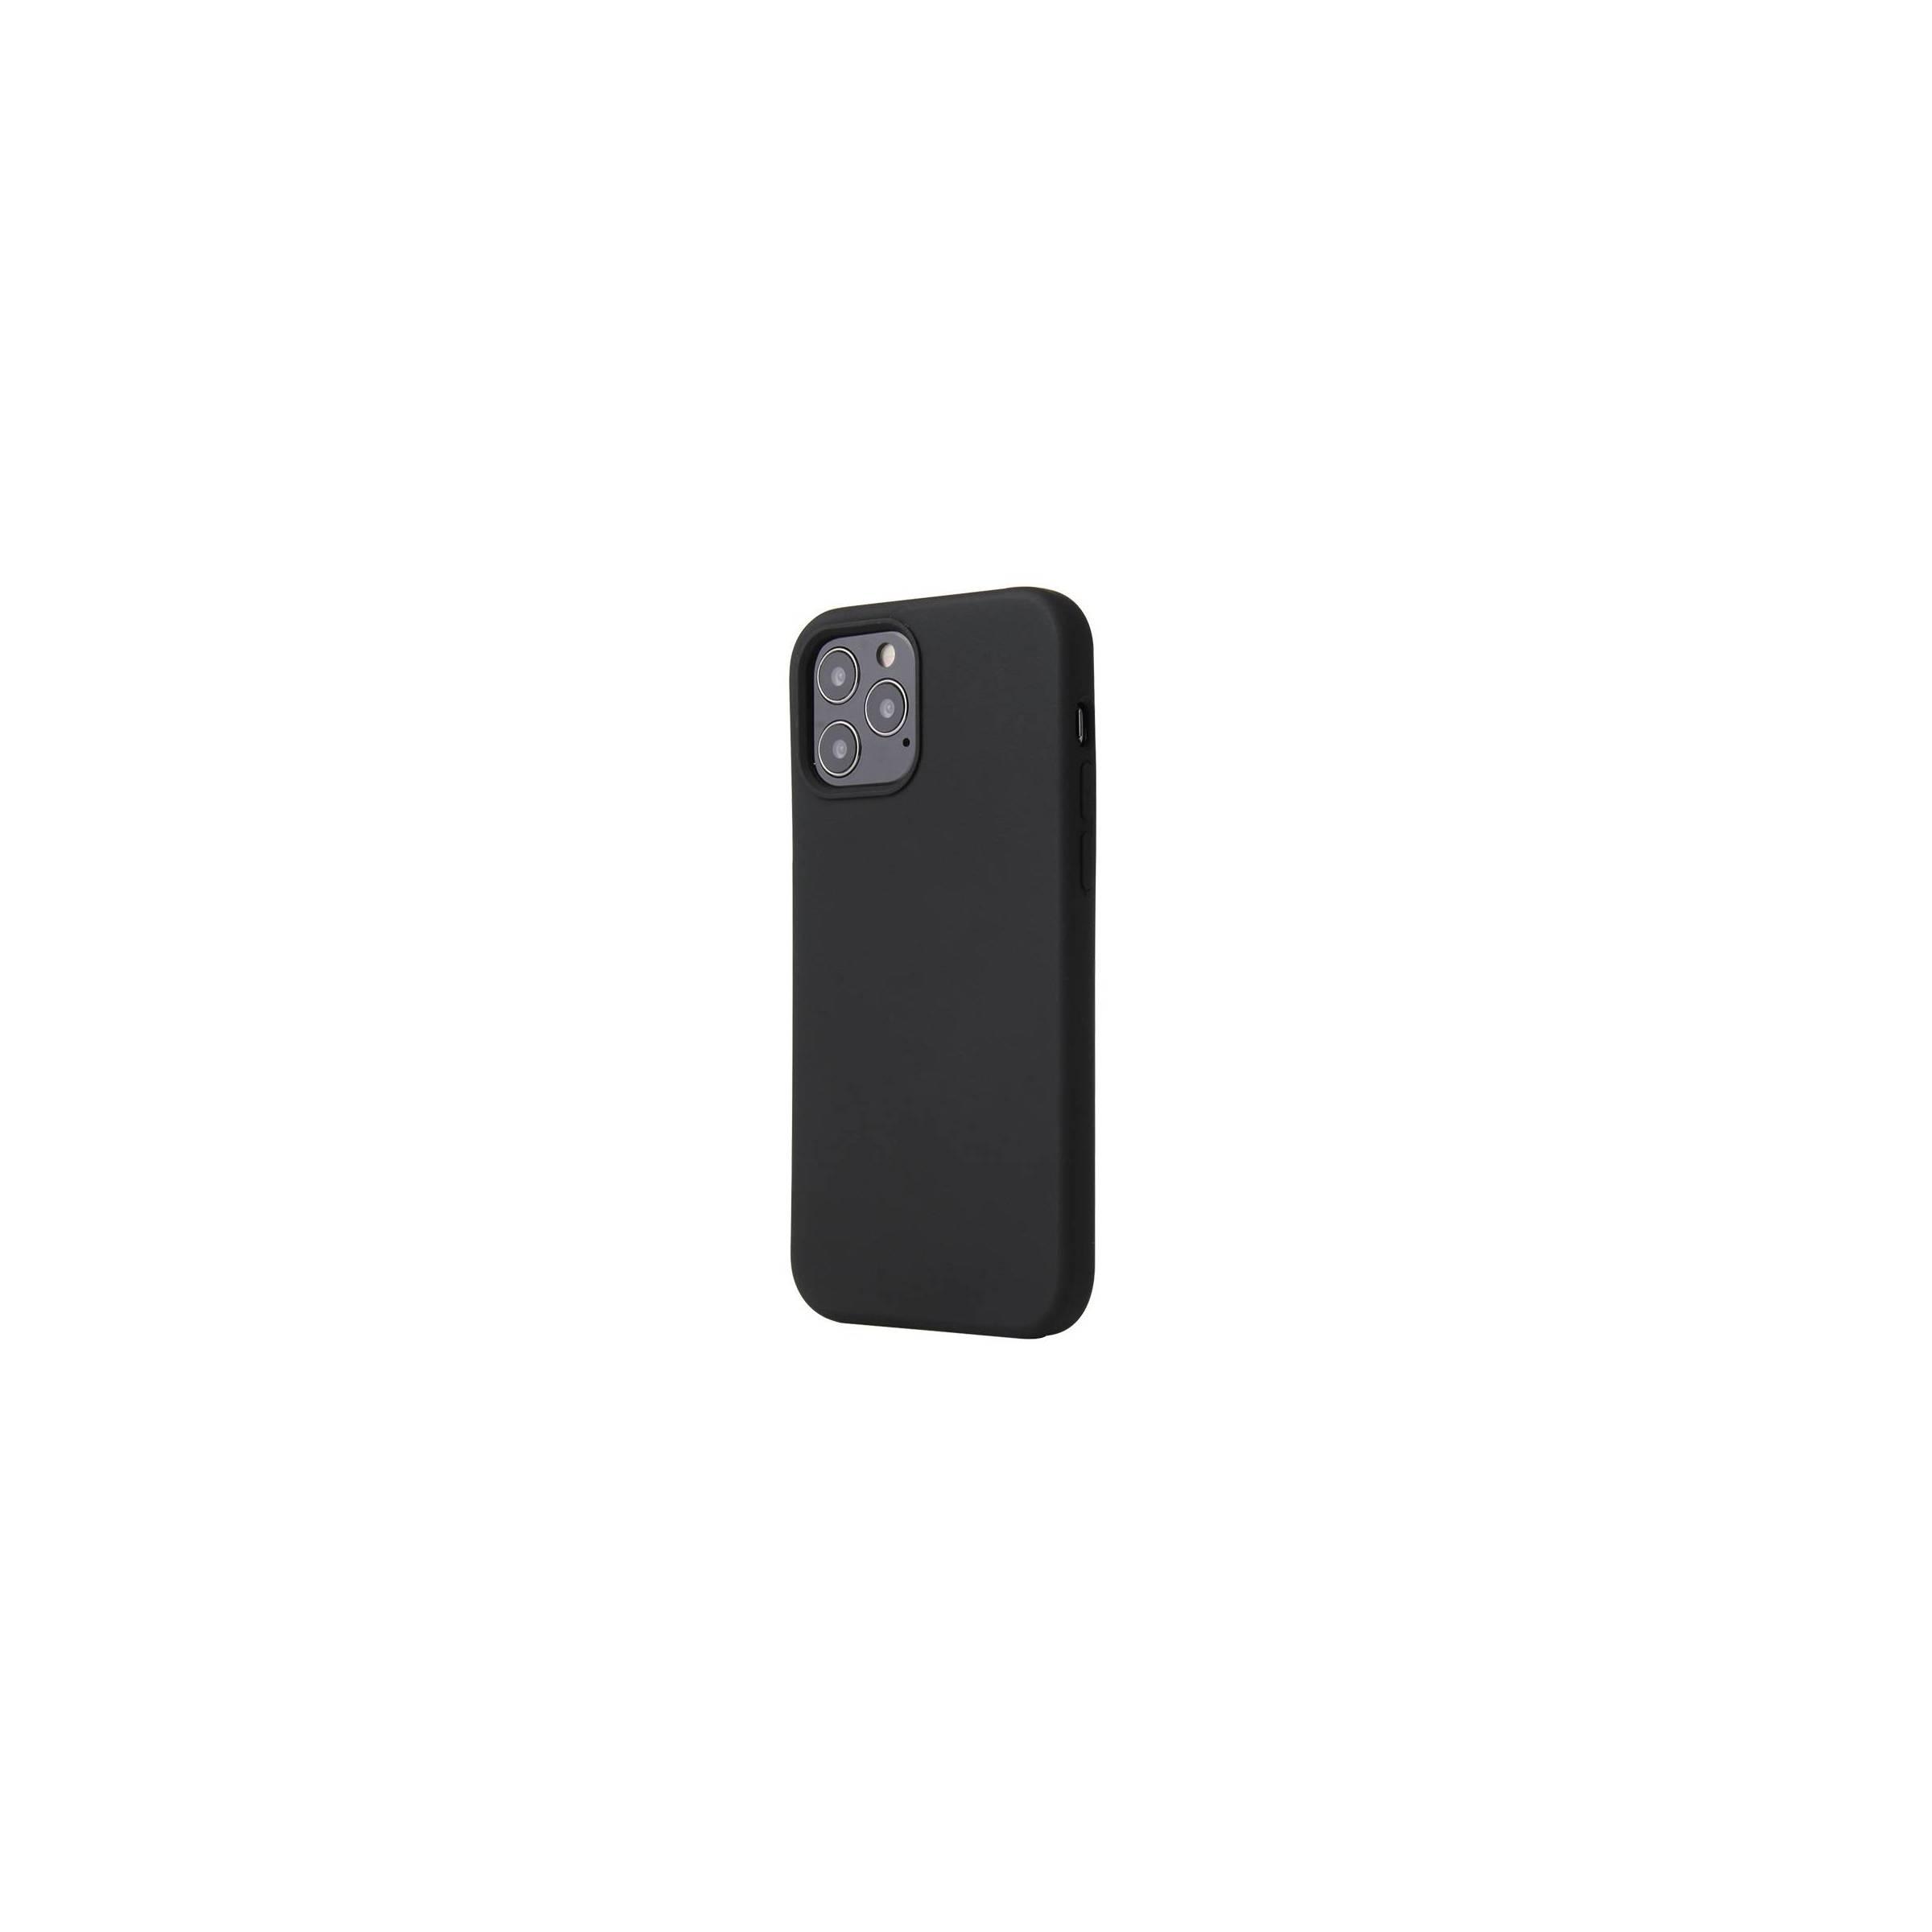 """kina oem – Lækkert iphone 12 pro max silikone cover 6,7"""" flere farver farve sort fra mackabler.dk"""